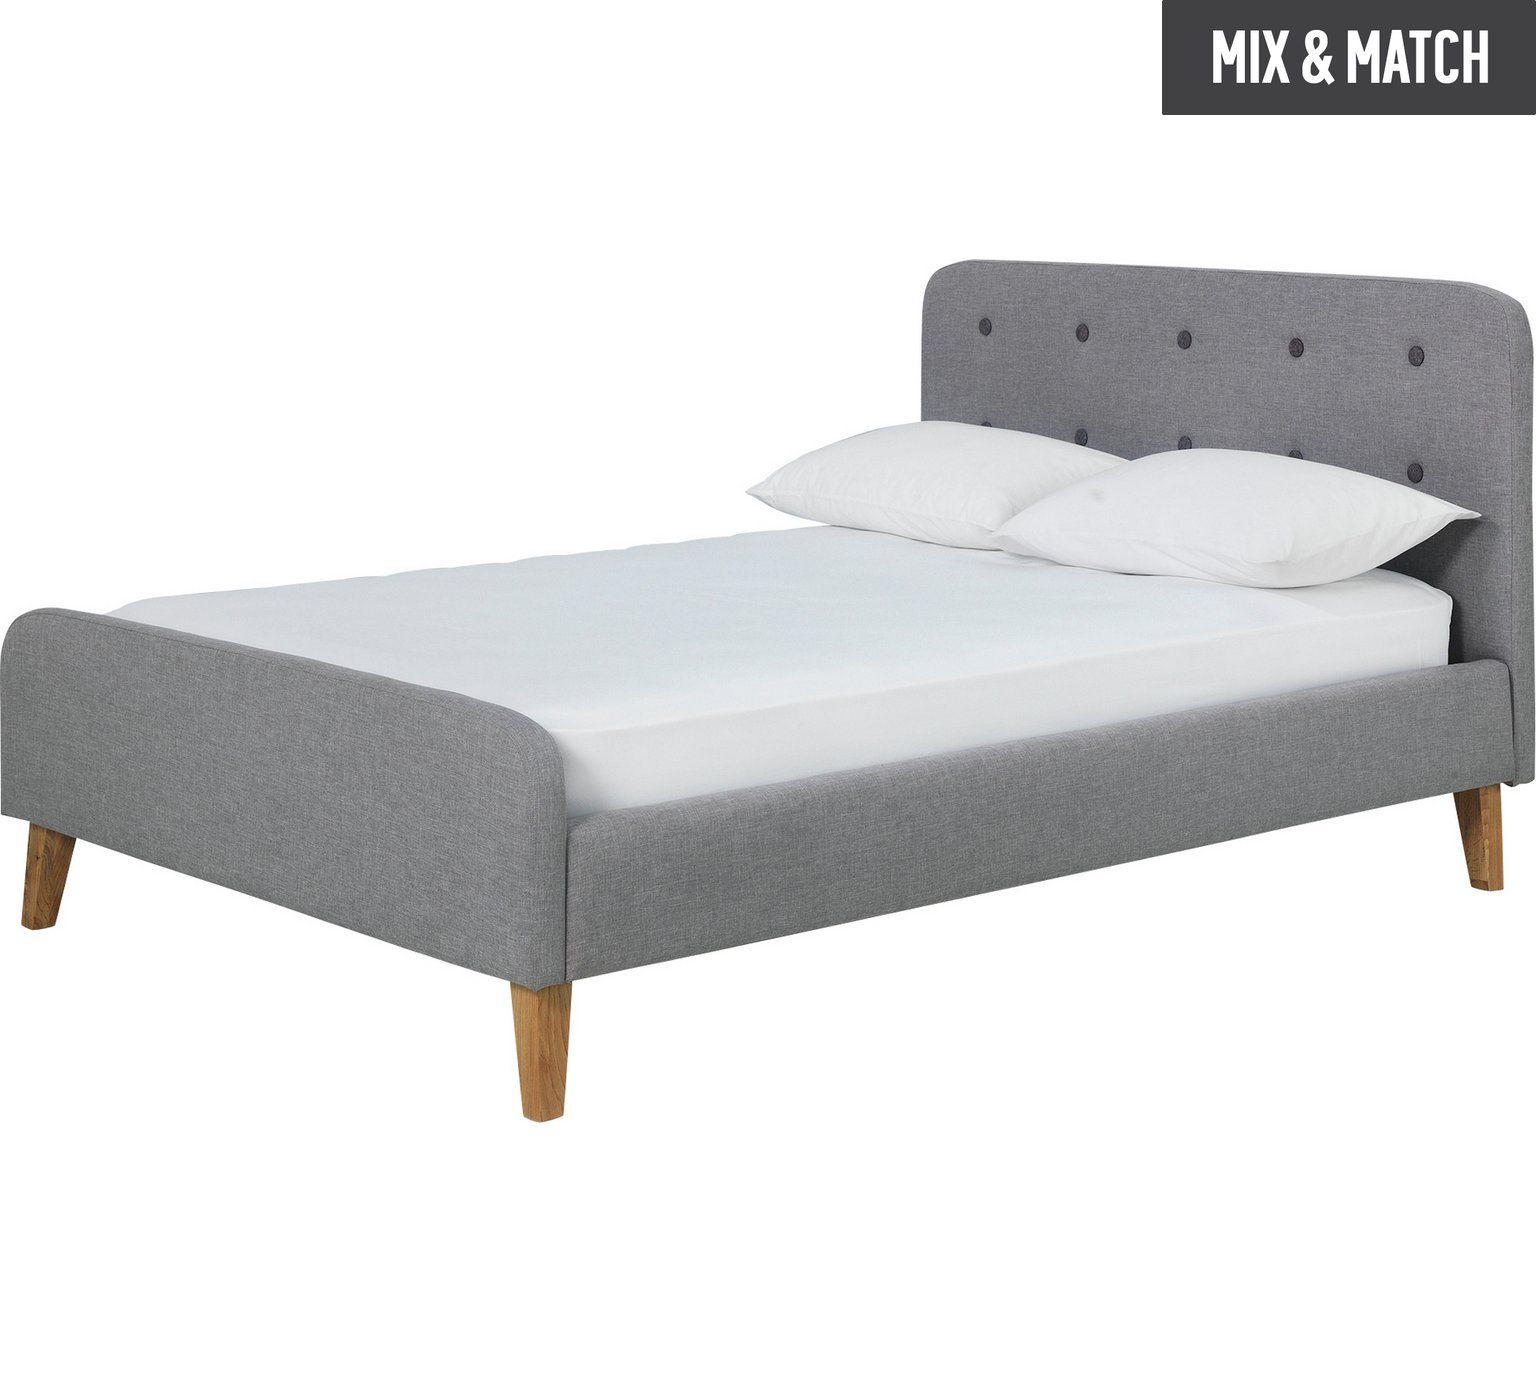 Small Double Bed Frames Argos Viewframes Co